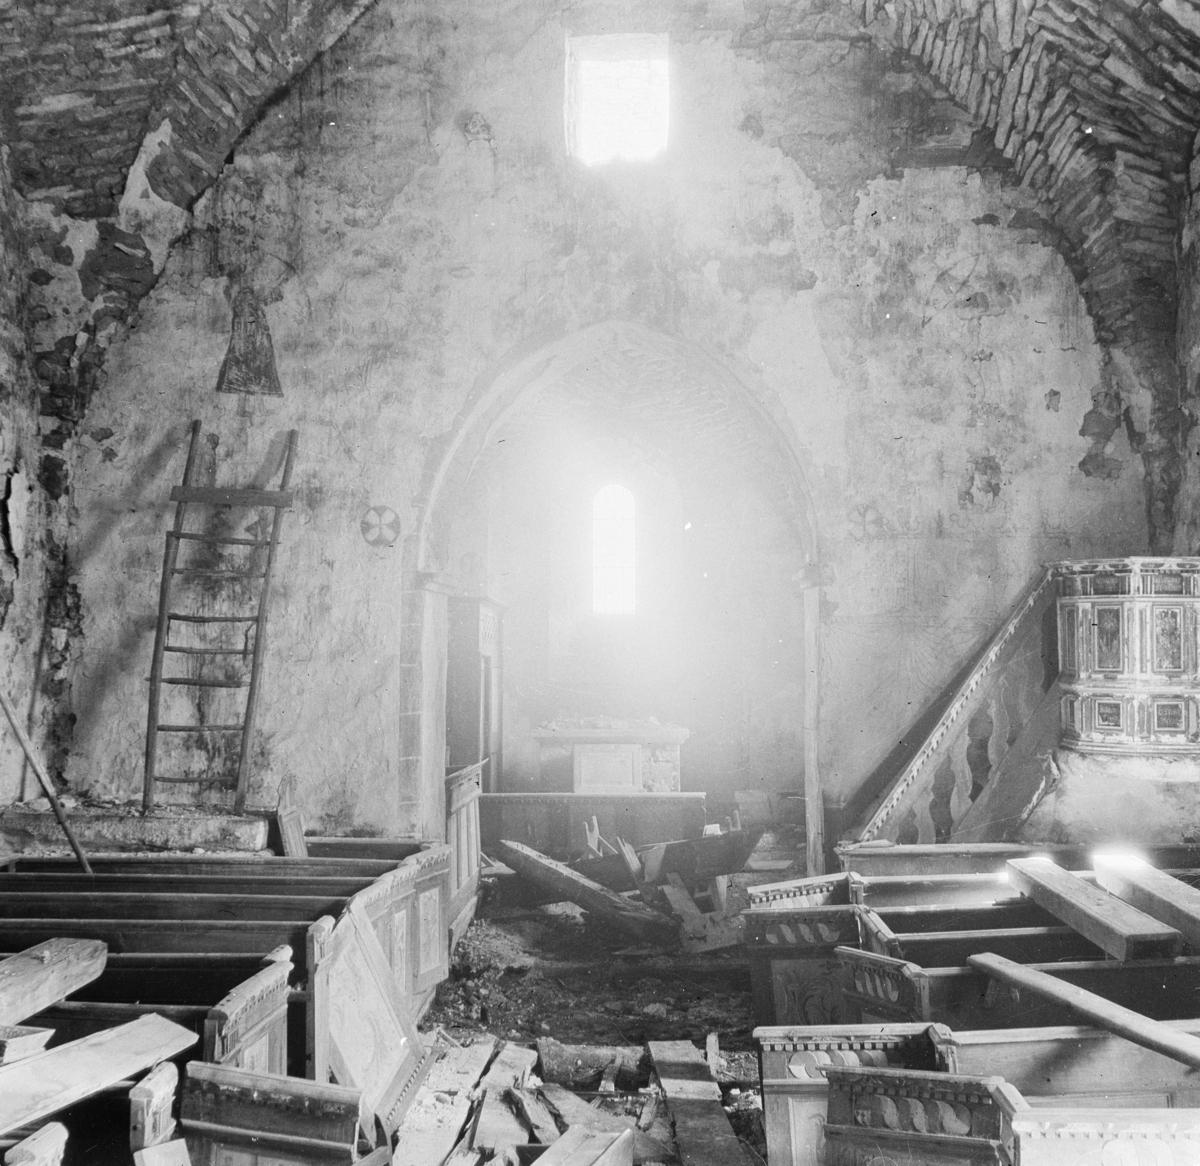 Träkumla kyrka, Gotland Interiör  Svensk arkitektur: kyrkor, herrgårdar med mera fotograferade av Arkitekturminnesföreningen 1908-23.